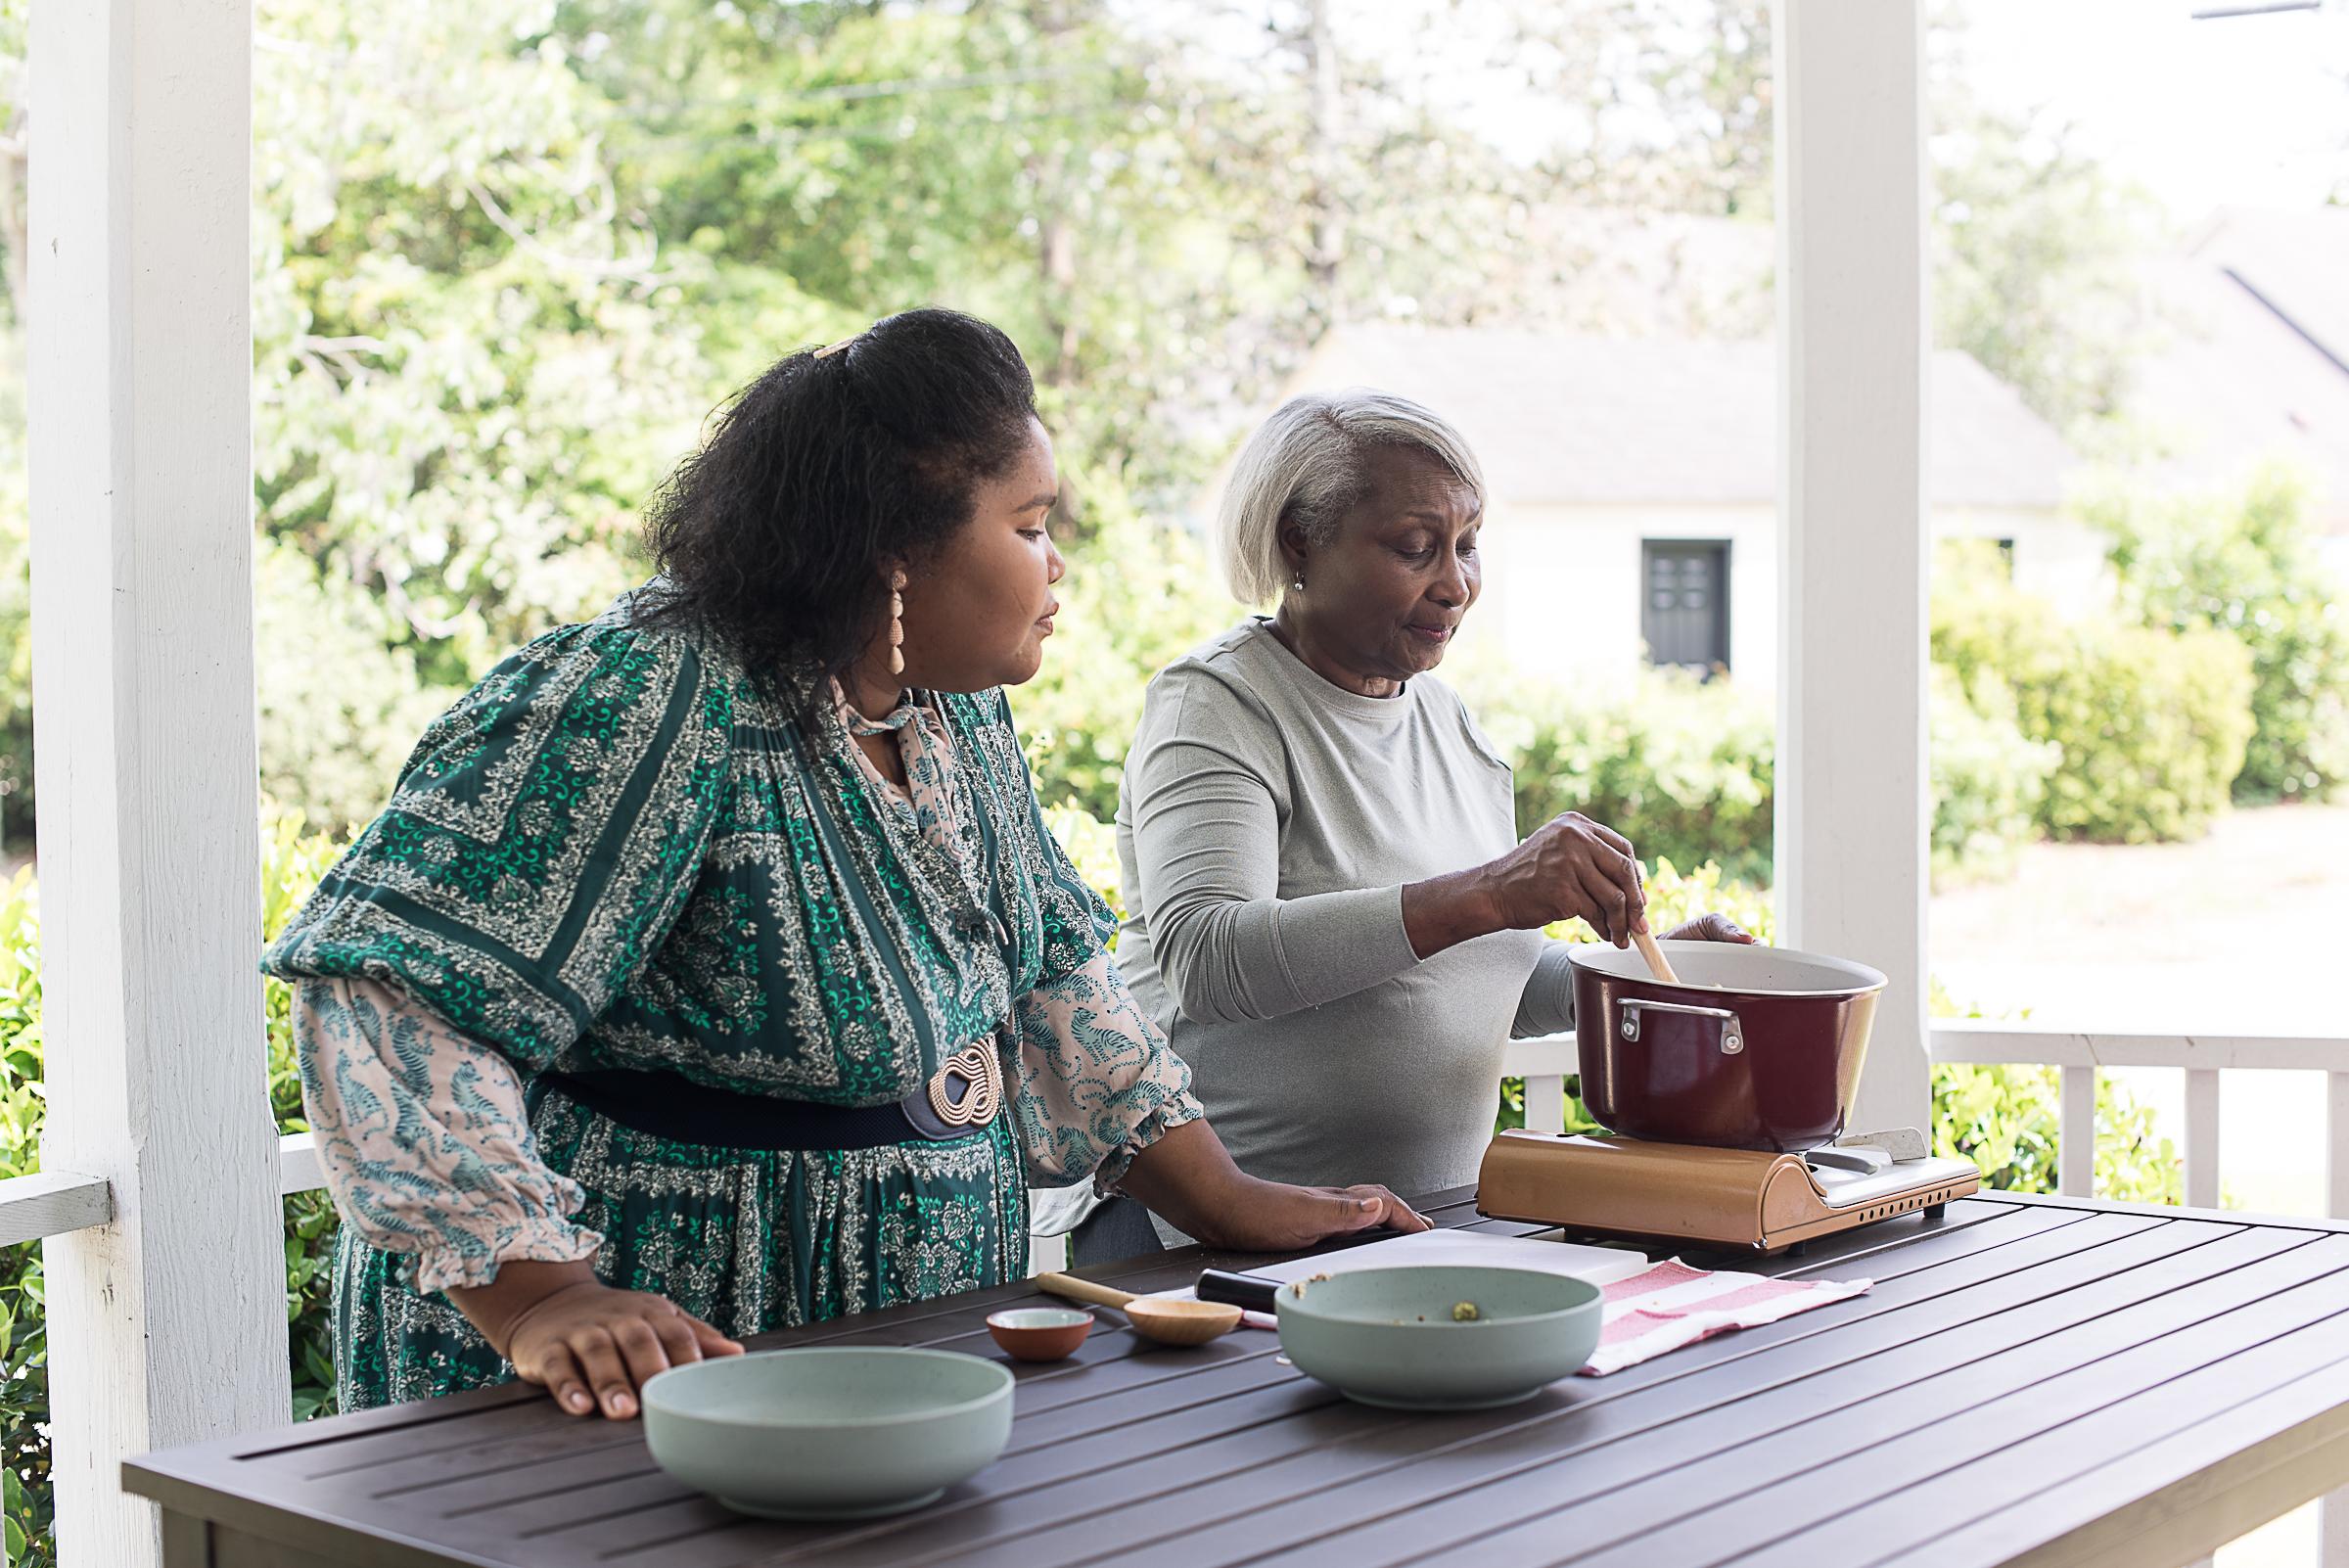 在夏洛特的锅里看着在夏洛特的锅中,如在Juneteenth菜单上看到